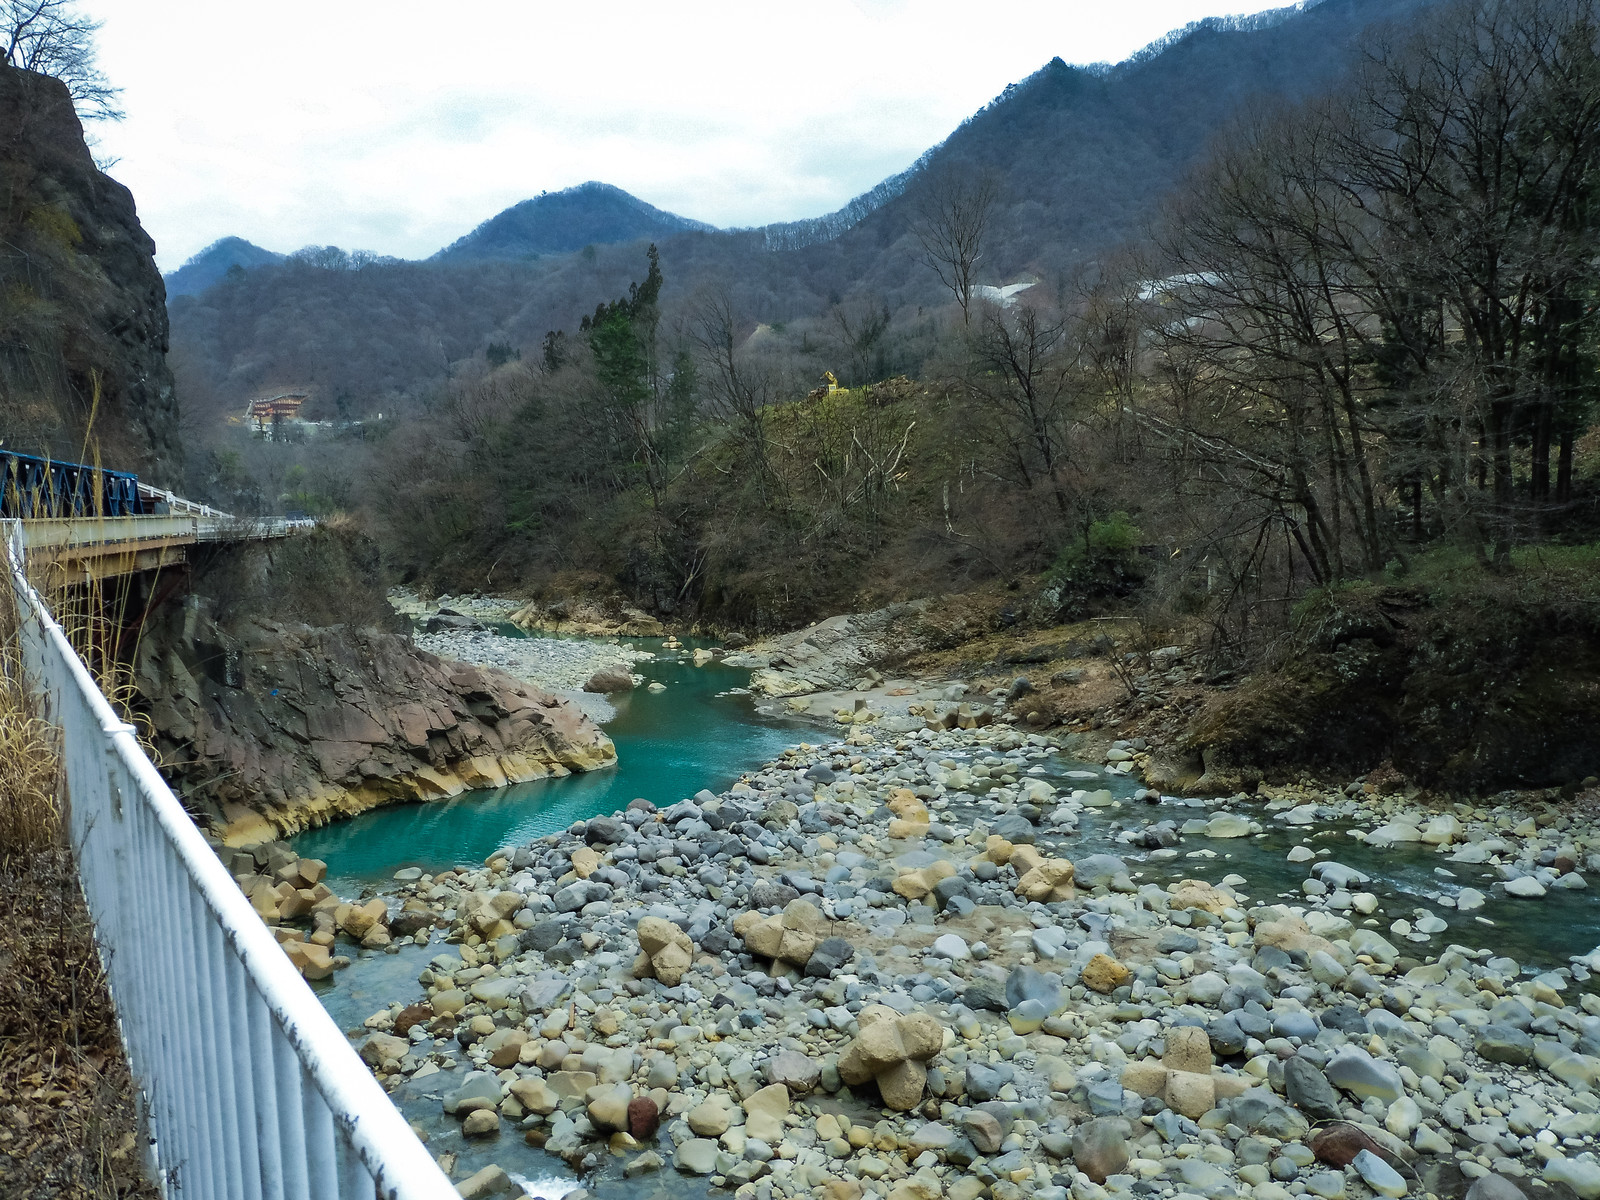 「臥龍岩と吾妻川(八ッ場ダムによる水没予定地)」の写真